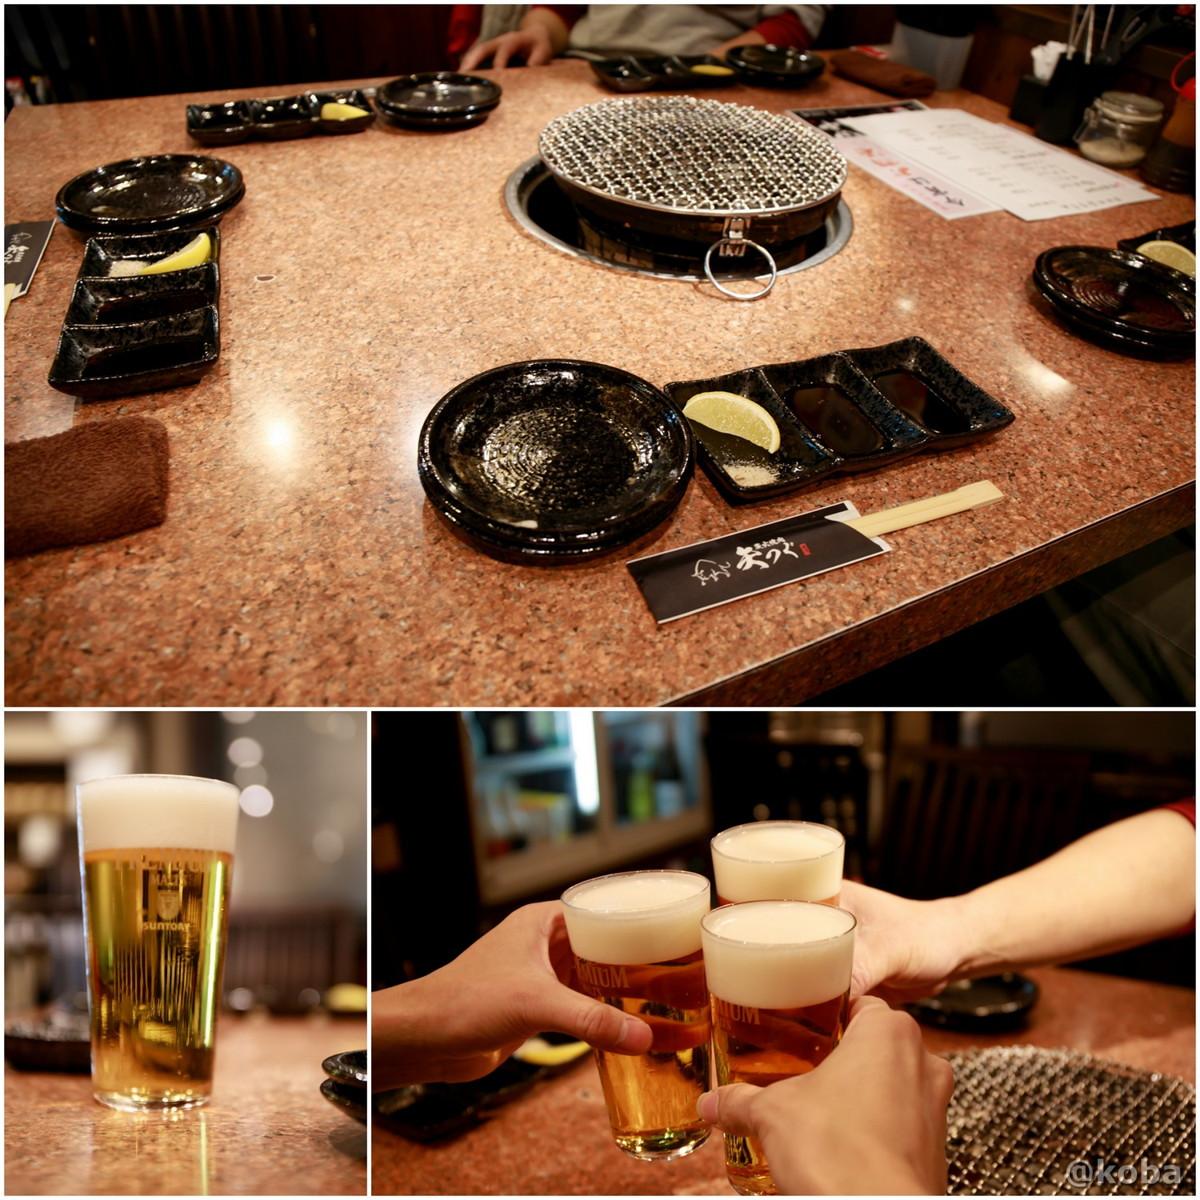 生ビール サントリープレモル 580円│炭火焼肉 矢つぐ(やつぐ)│東京都江戸川区・新小岩 ブログ